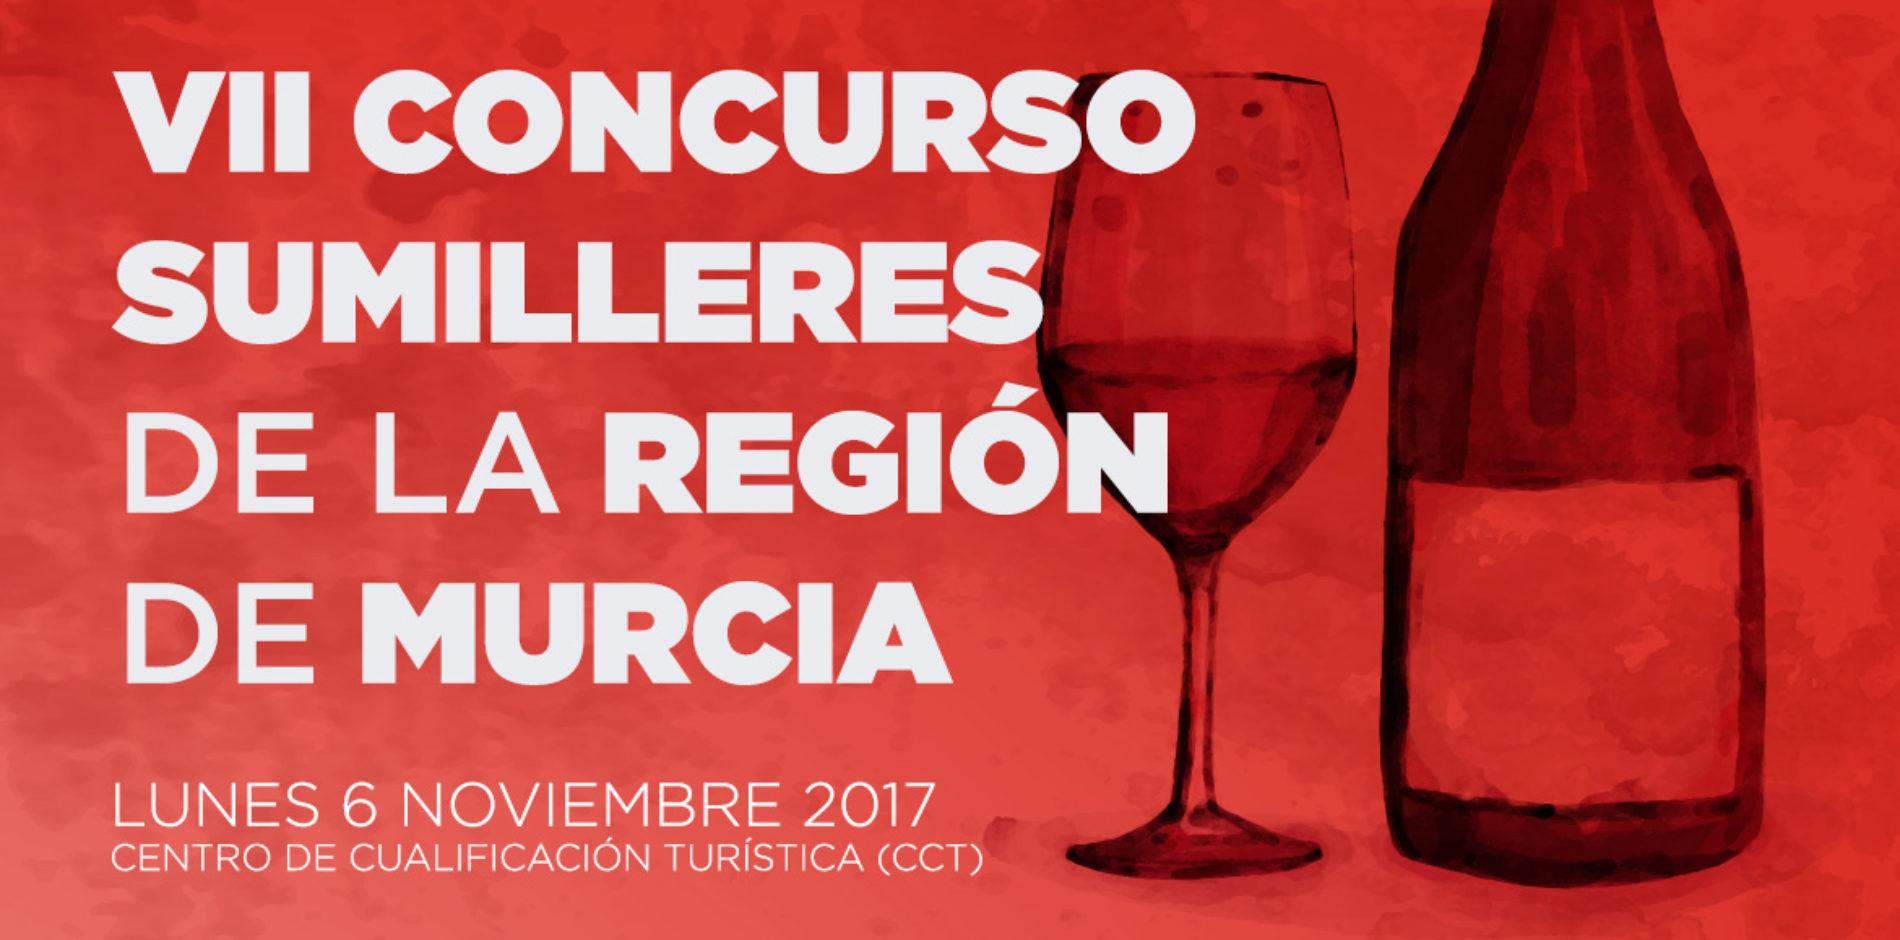 VII Concurso de Sumilleres de la Región de Murcia